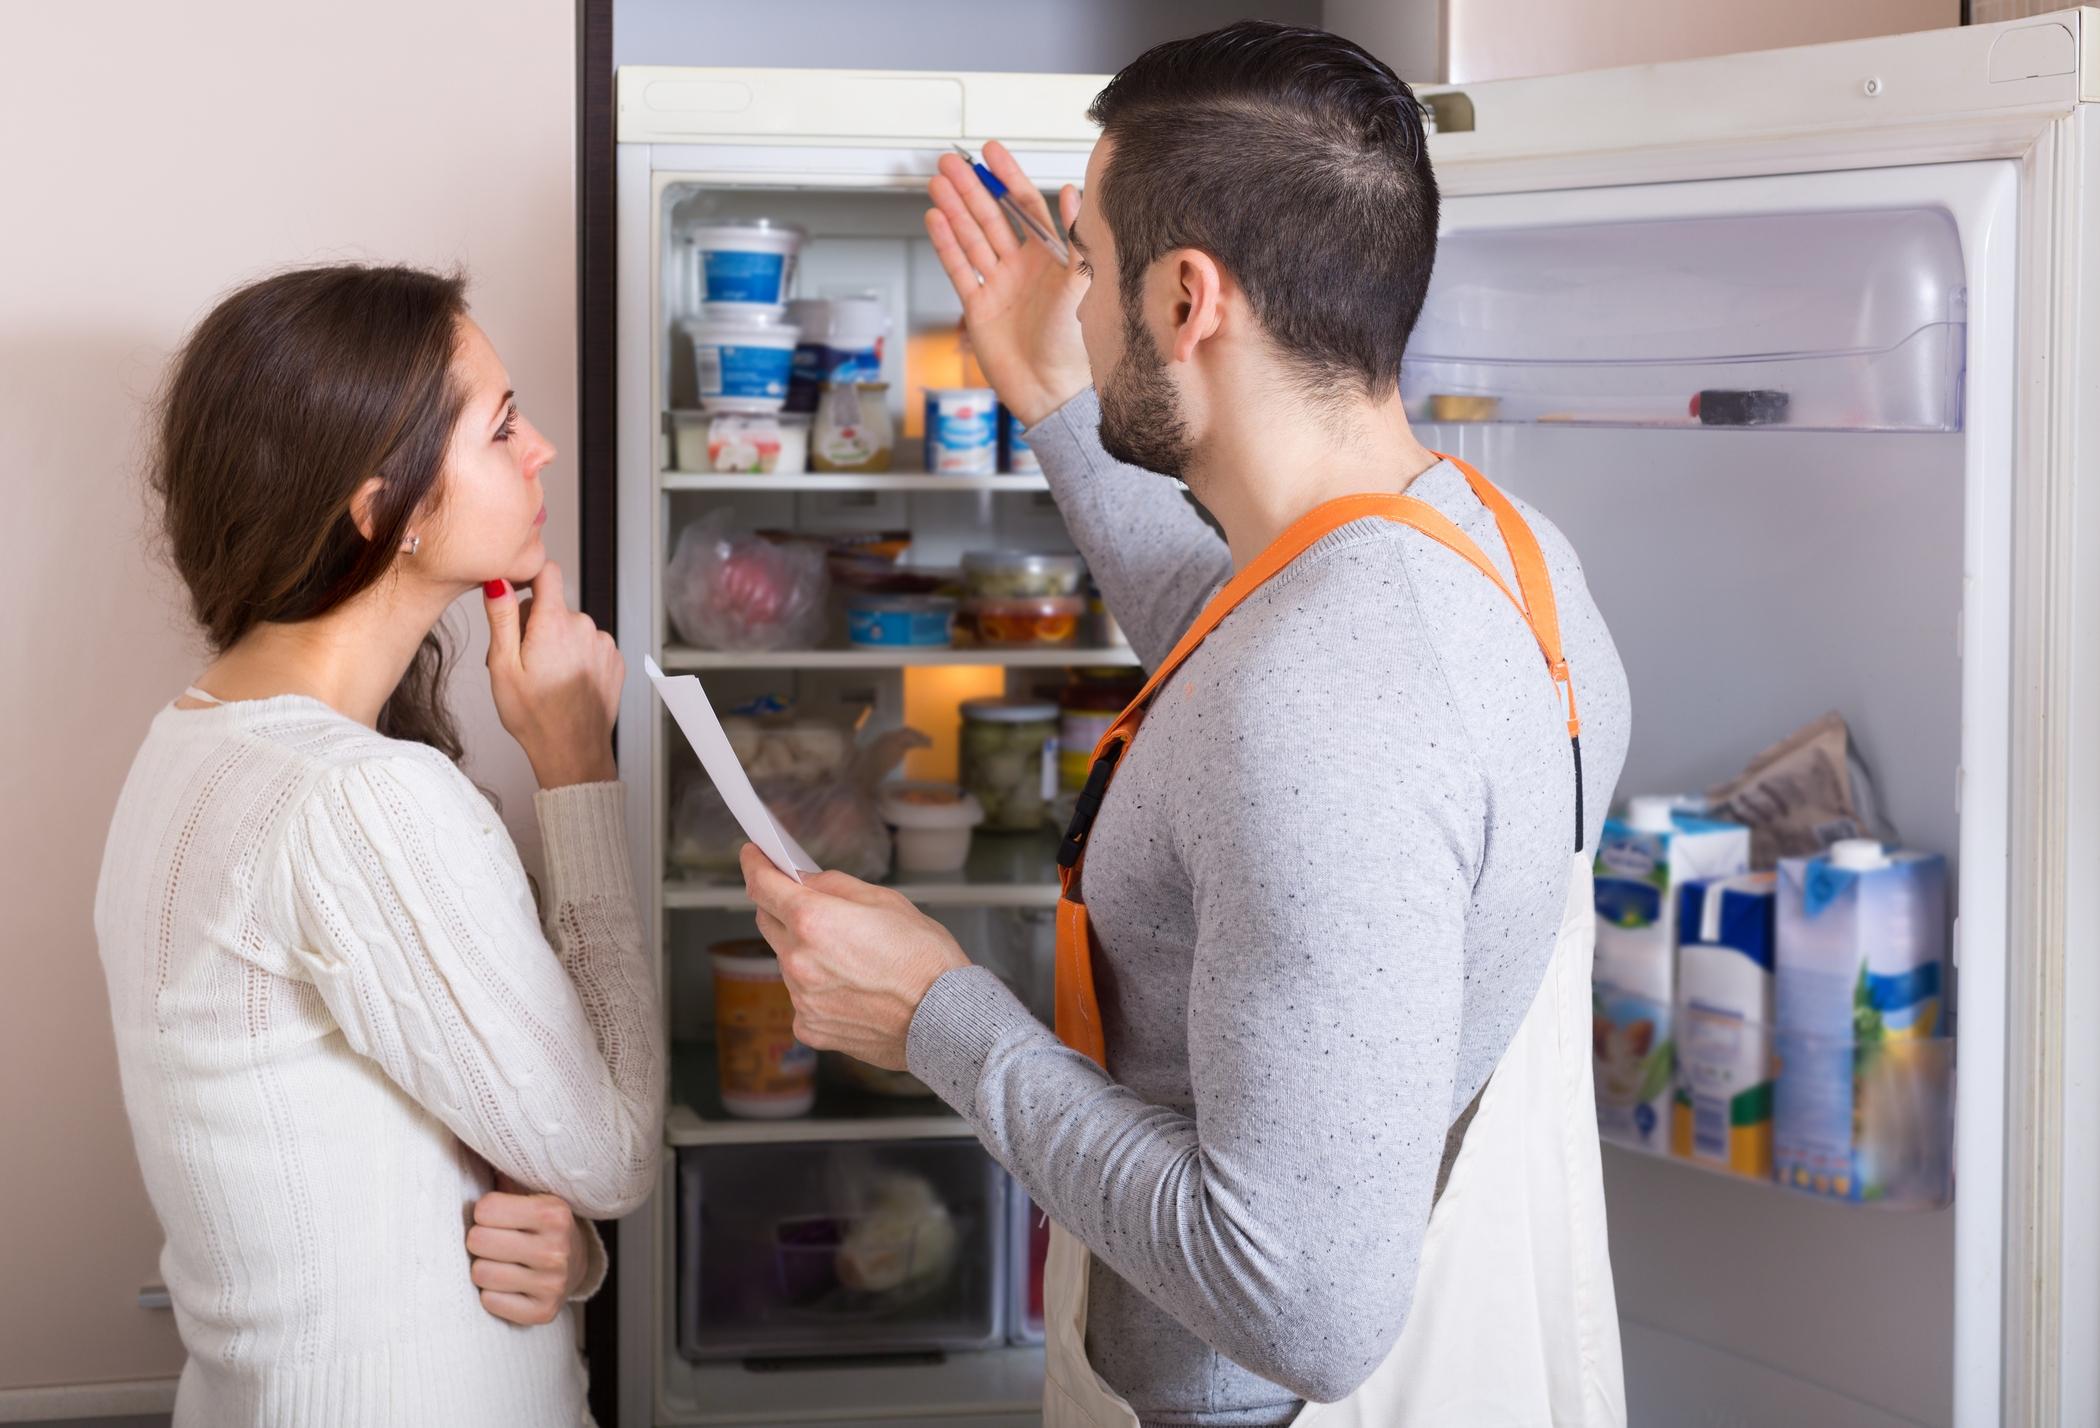 причины поломок холодильника